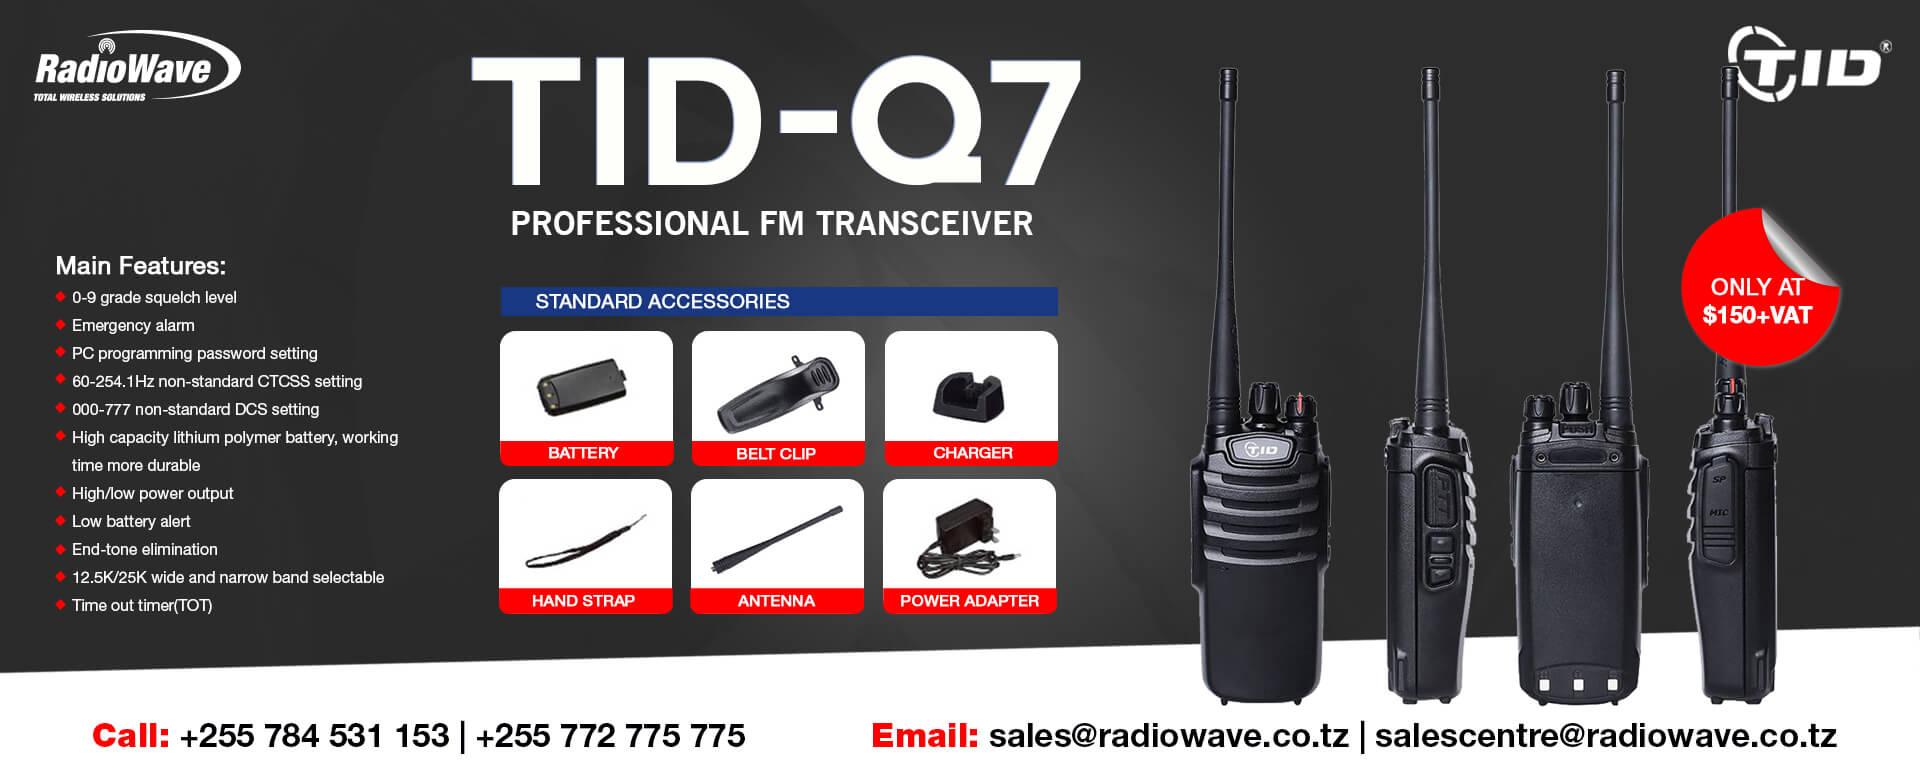 tid-q7-radio